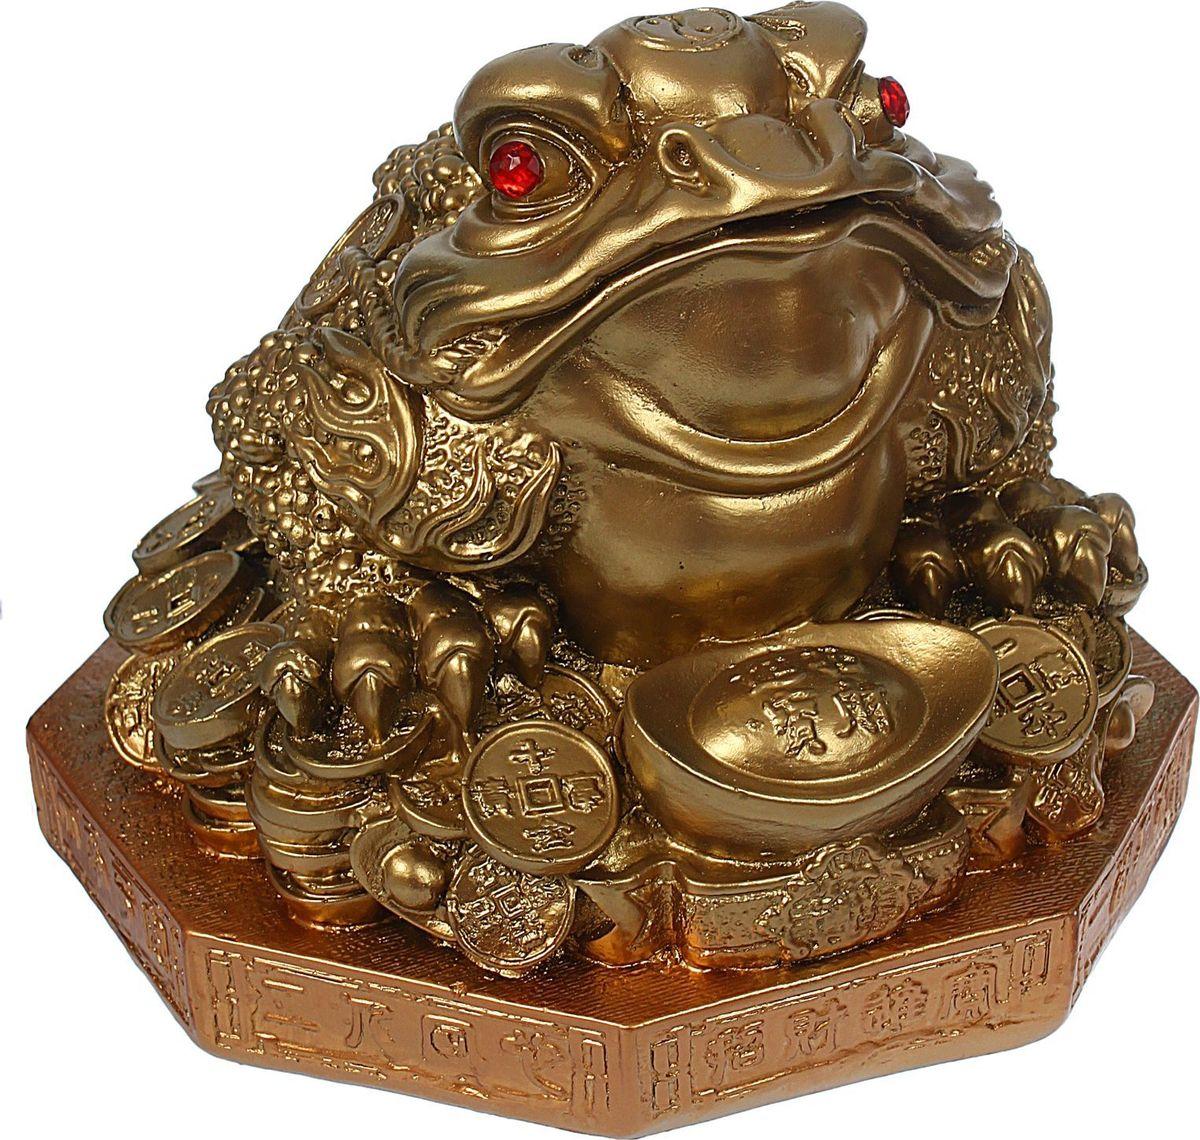 Копилка Premium Gips Денежная жаба, 26 х 26 х 25 см1368175Хотите накопить на свою заветную мечту? С помощью данного изделия вы сможете сделать это без удара по бюджету! Трёхлапая жаба с монеткой во рту является очень сильным денежным талисманом, который приносит богатство, финансовую удачу и процветание. Иногда это животное используют как символ долголетия, потому что некоторые их виды живут до 40 лет. Согласно фэн-шуй копилки с деньгами целесообразно хранить в западной или северо-западной частях помещения. Обращаем ваше внимание, что копилка является одноразовой.